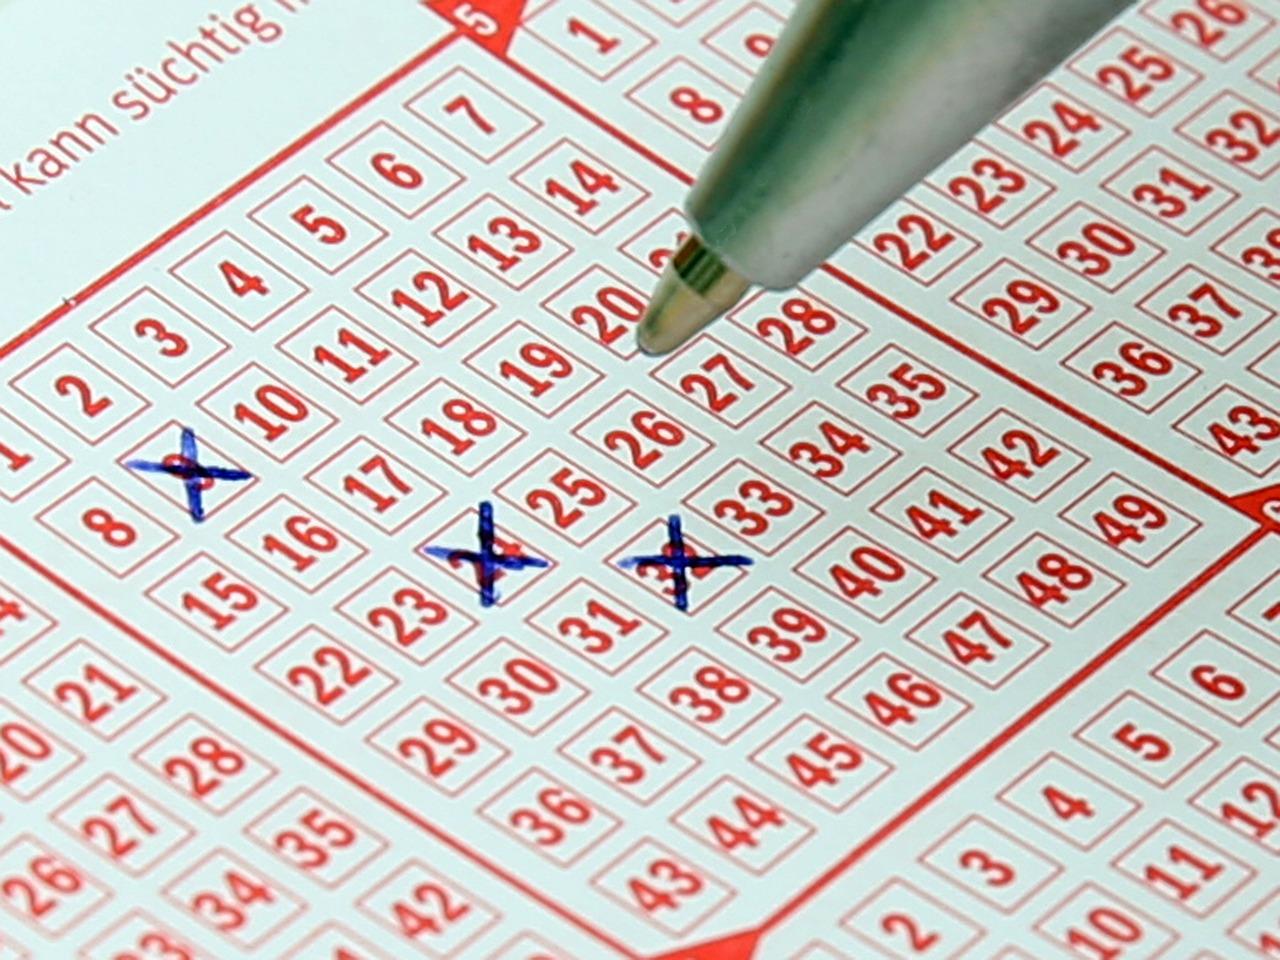 Wygodny skaner lotto